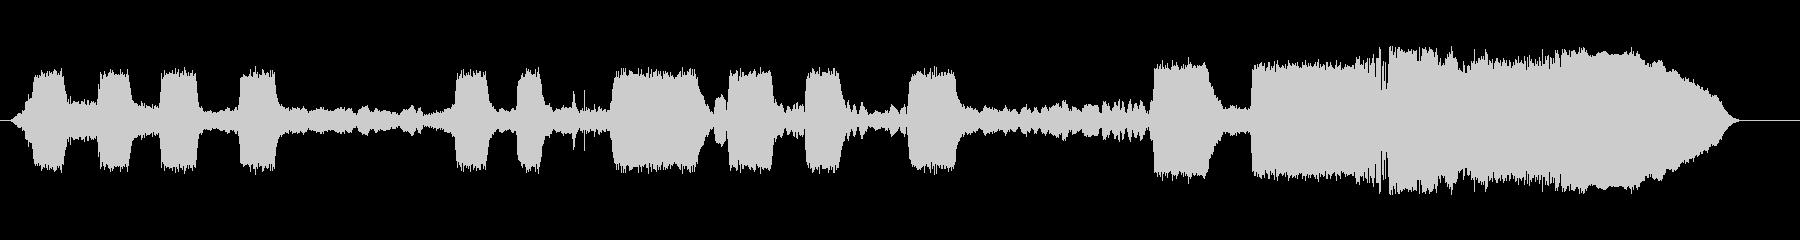 ビンテージフォーミュラ1;フォール...の未再生の波形